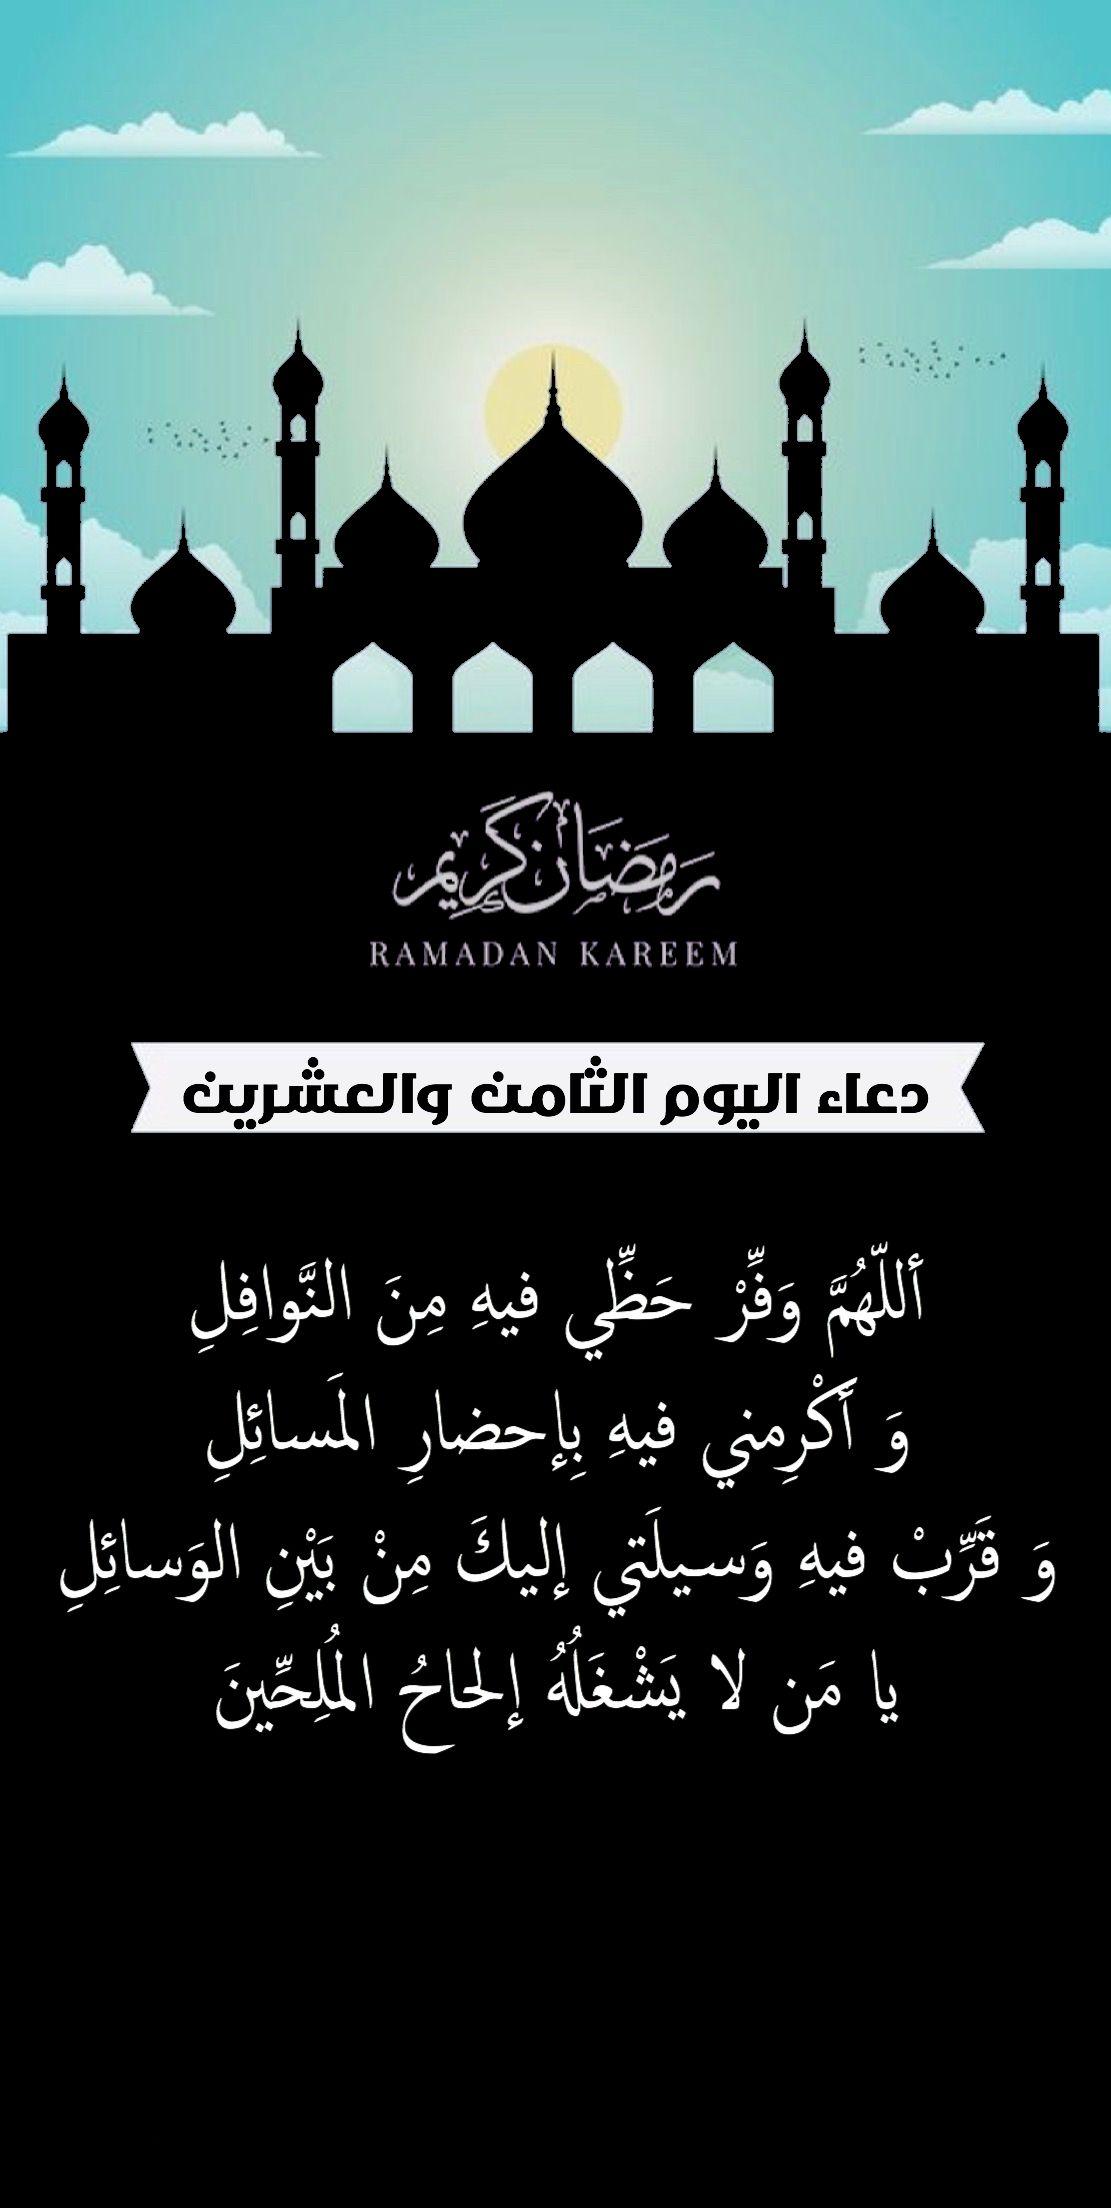 السعودية السعوديه الخليج الشرق الأوسط سناب كويت فايروس كورونا تصميم شعار لوقو دعاء Ramadan Kareem Ramadan Poster